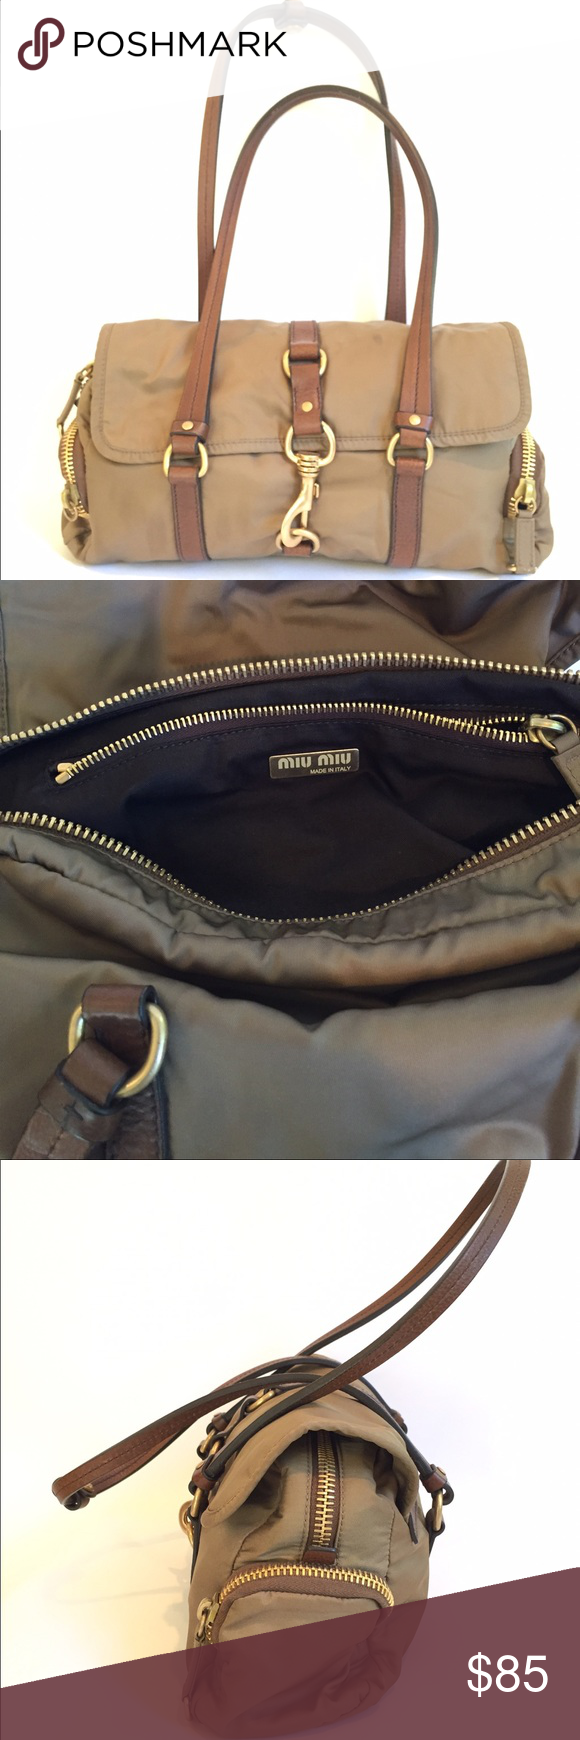 Miu Miu Nylon Shoulder Bag Authentic Miu Miu in good condition Miu Miu Bags  Shoulder Bags 151b443cff